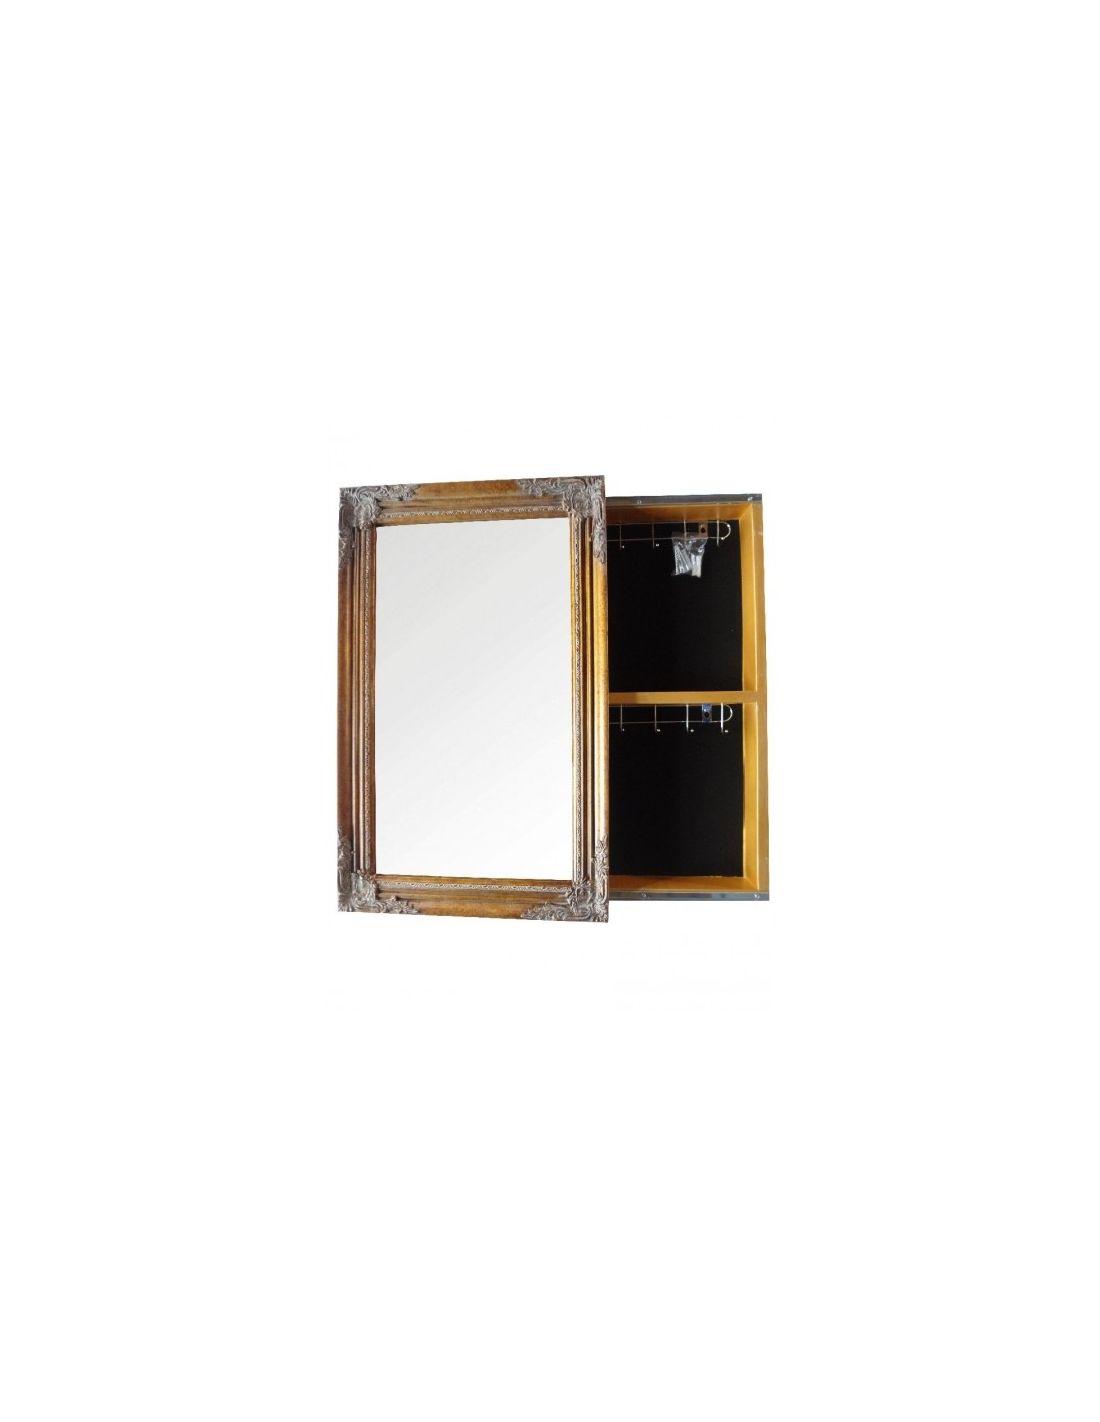 770f9bbbd561 Comprar espejo joyero en Sevilla. Tienda de Decoración en Dos Hermanas